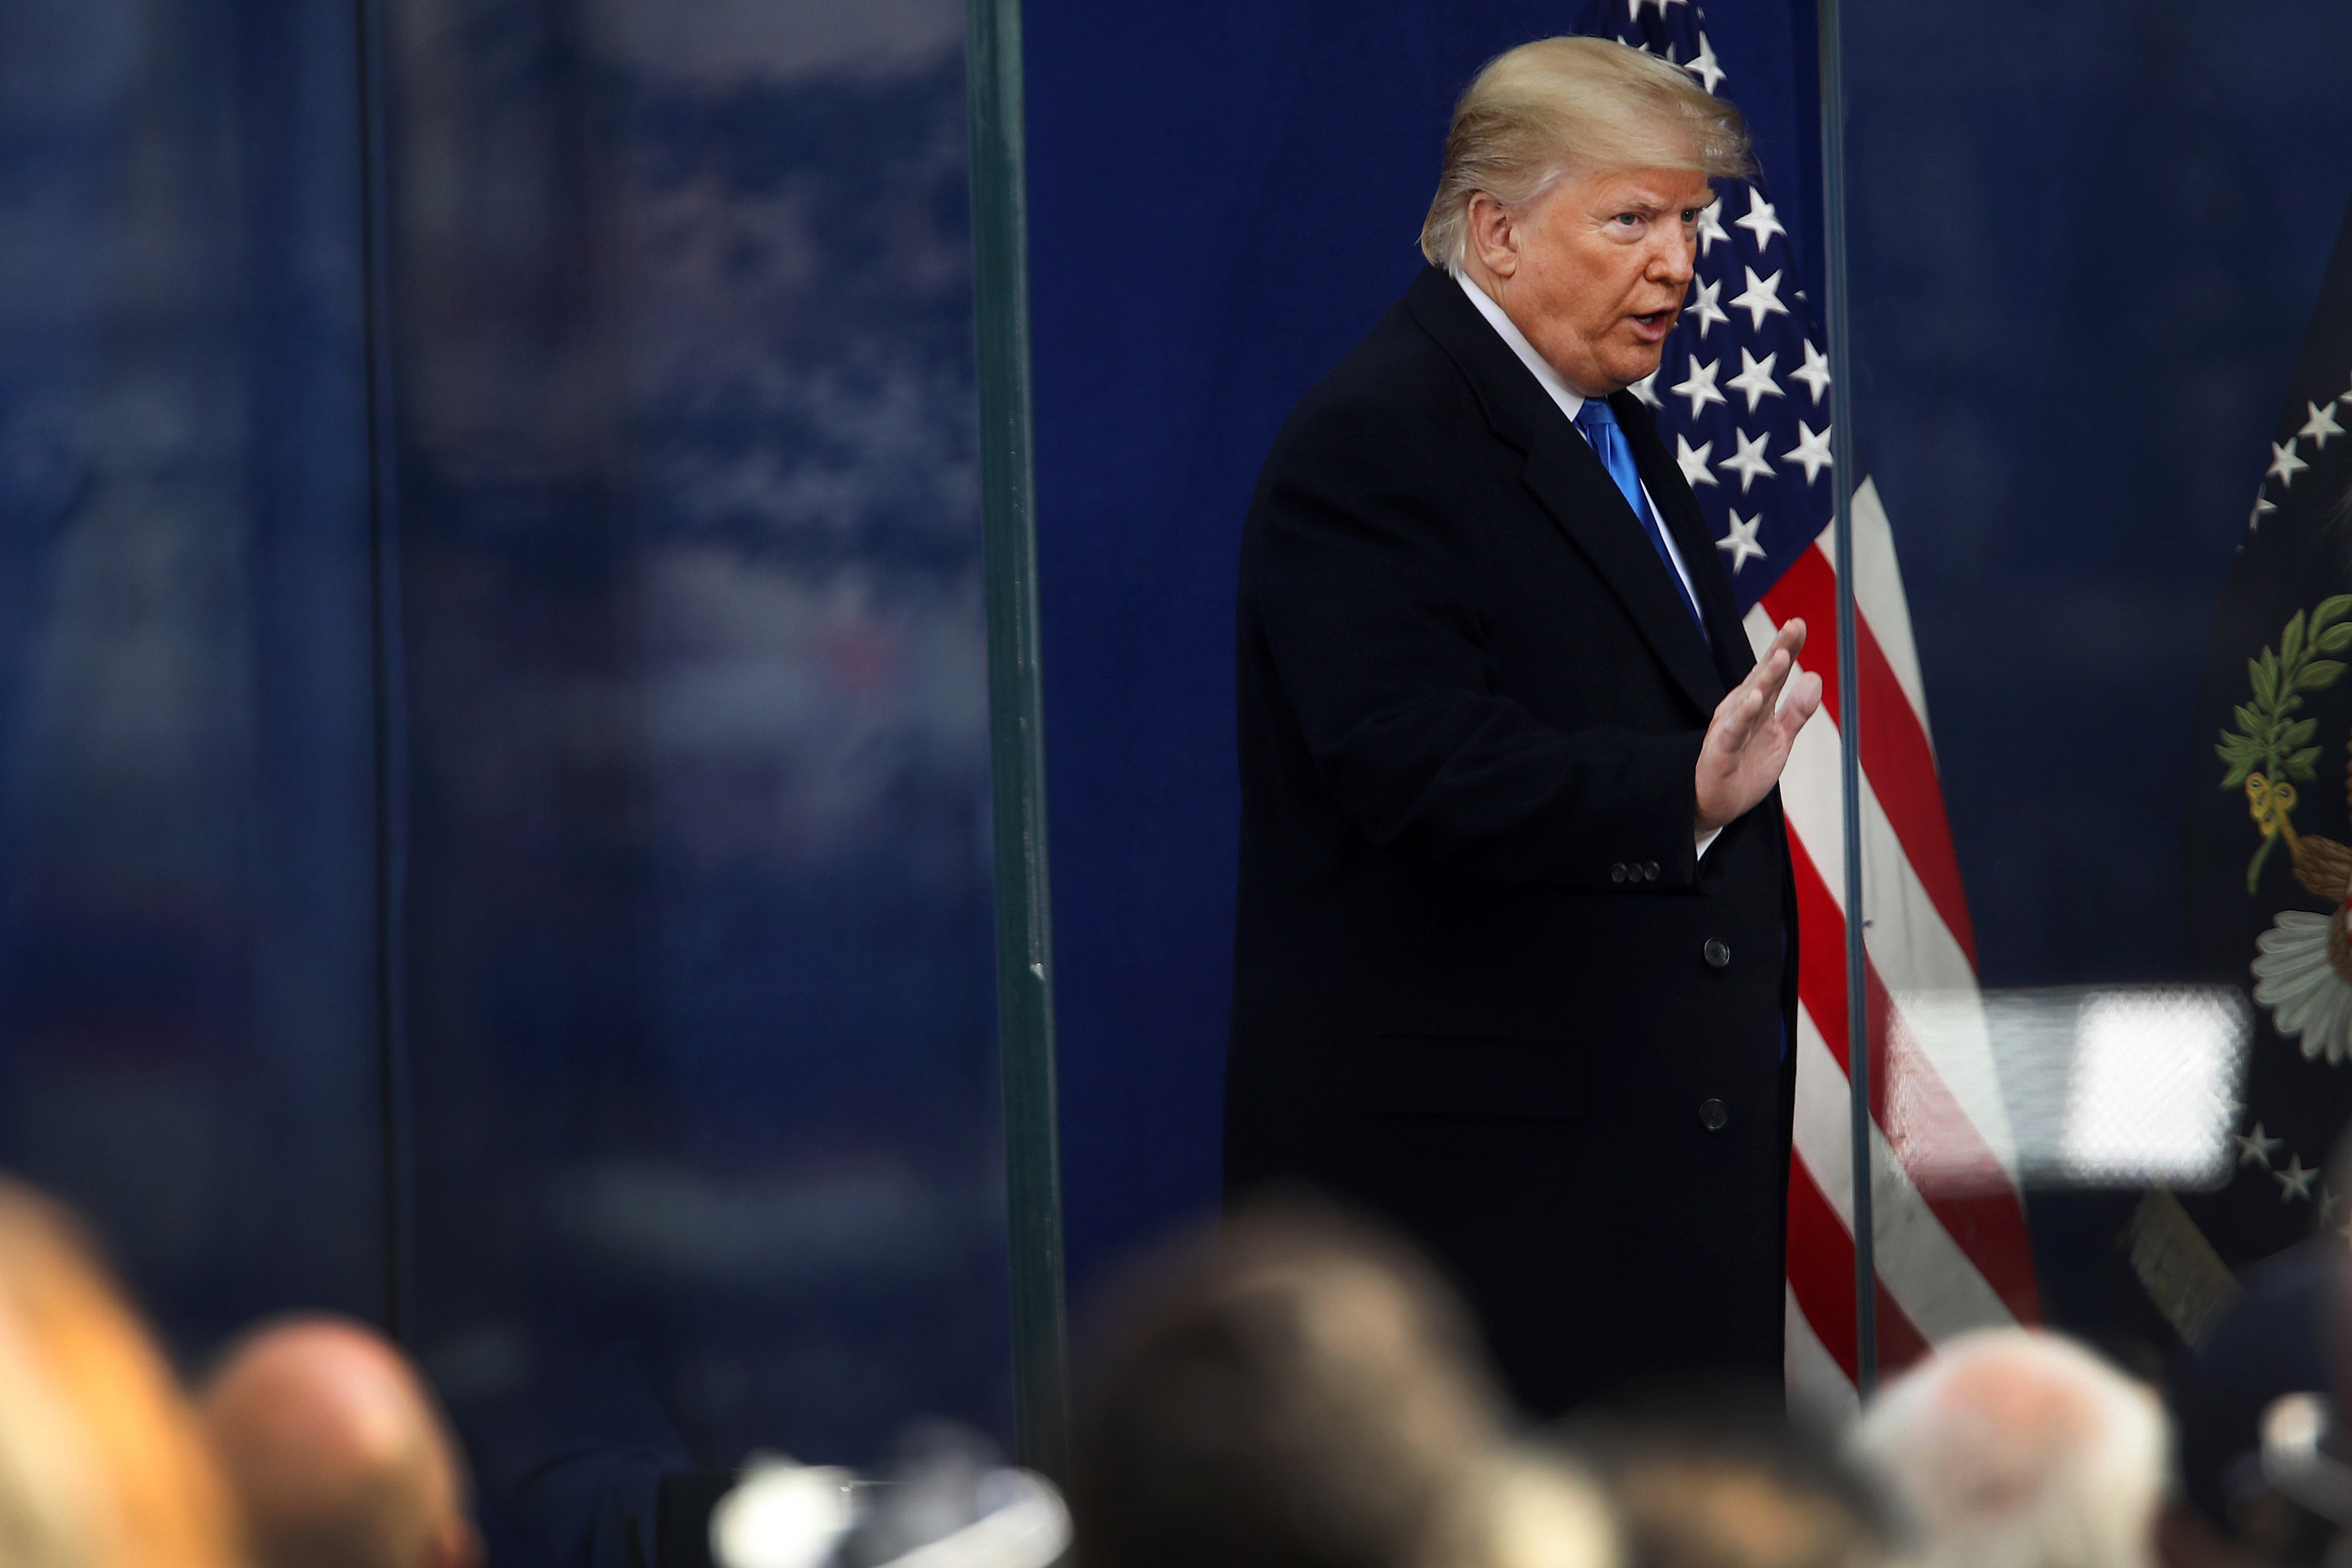 Renuncia de Morales envía una fuerte señal a Venezuela, dice Trump